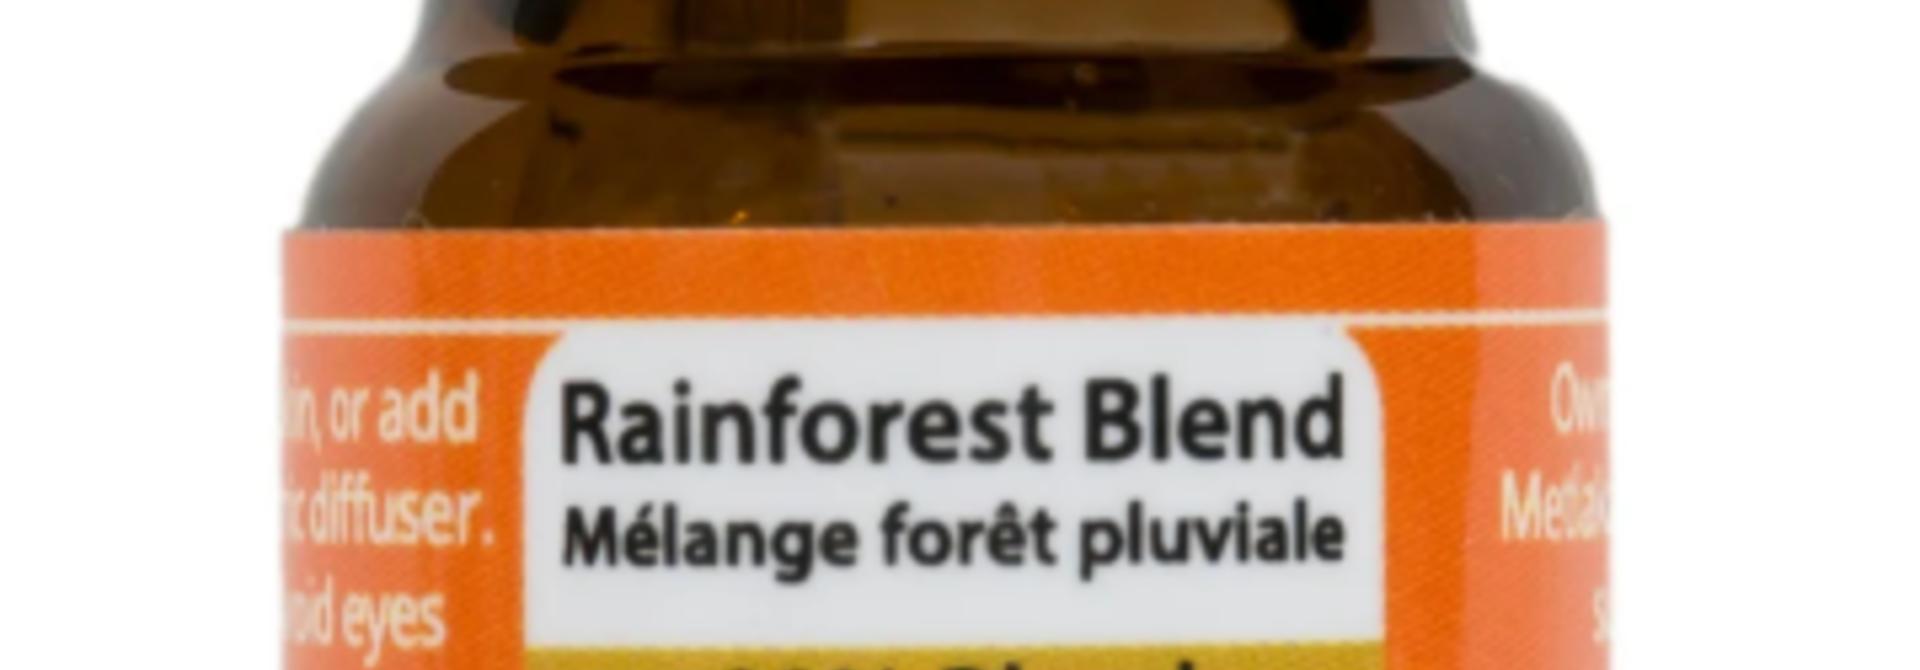 Great Bear Rainforest - Rainforest blend 5m Essential  oil